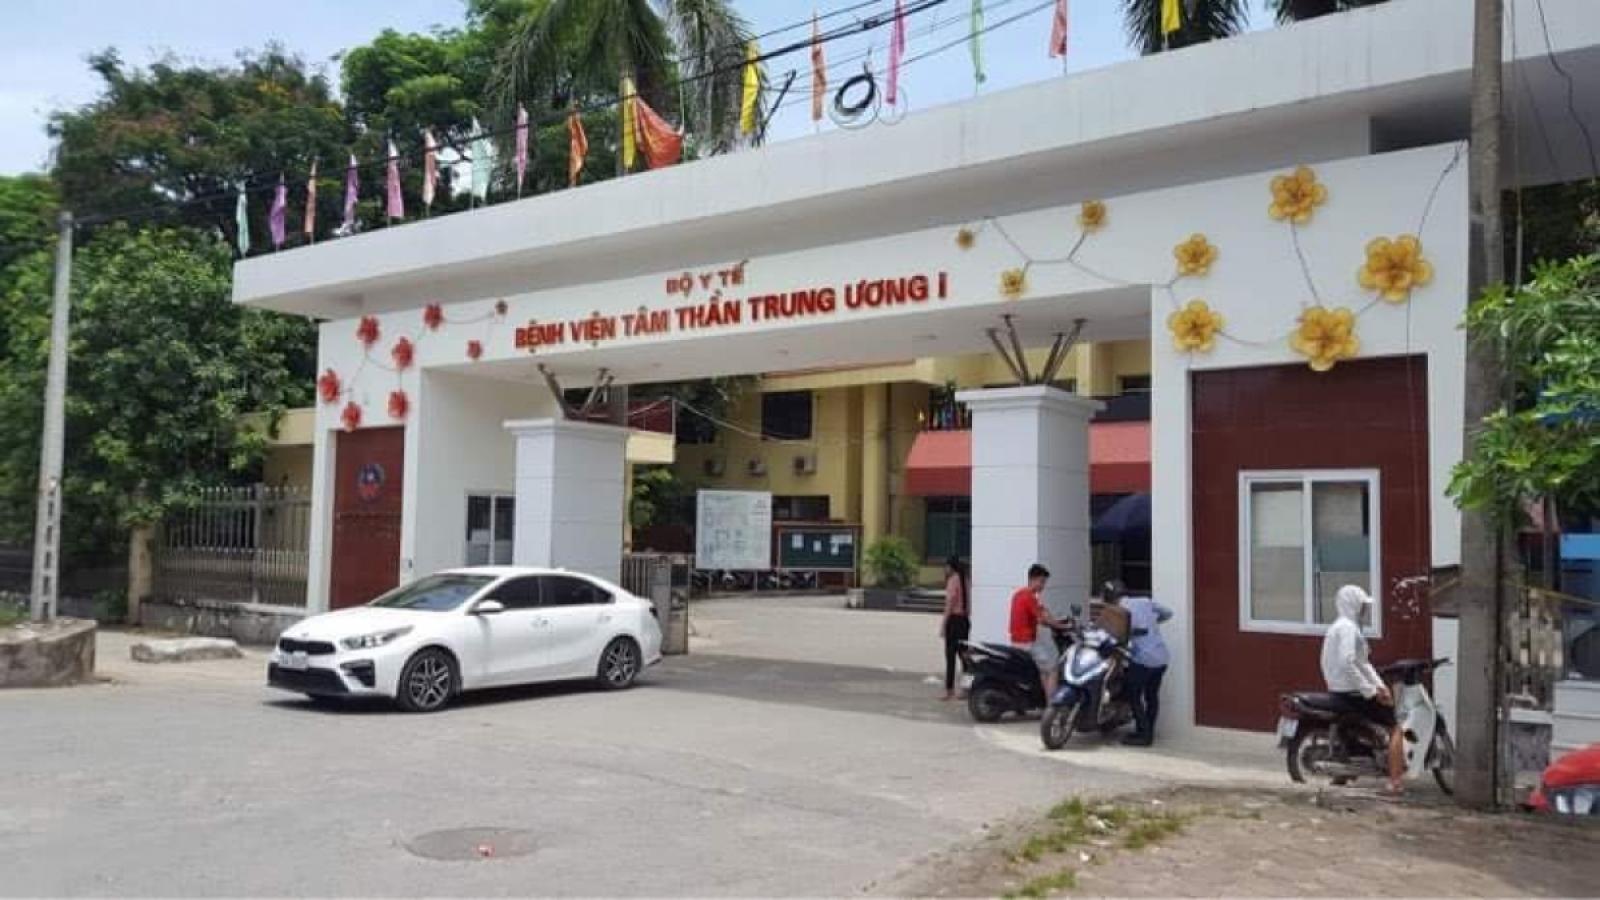 Bắt giam nữ y tá và hộ lý Bệnh viện Tâm thần Trung ương I